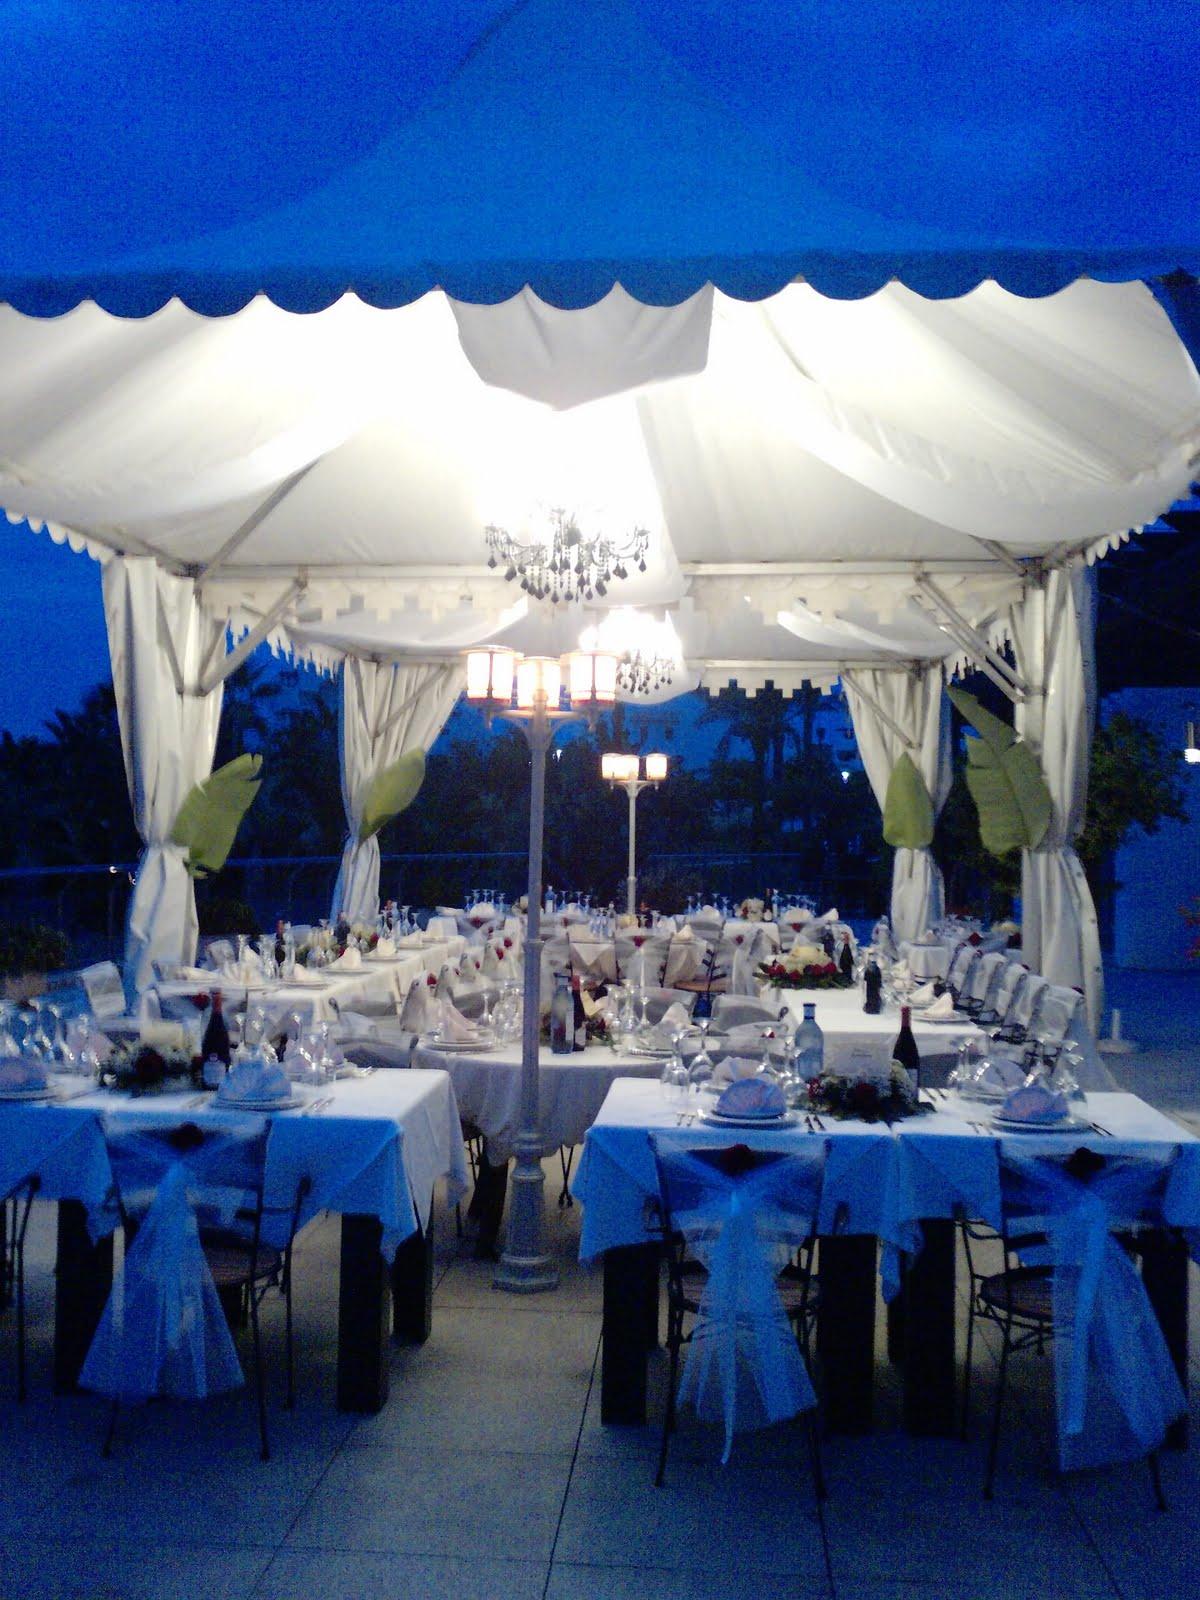 Decoracion bodas sencillas economicas como decorar una for Decoracion bodas sencillas economicas